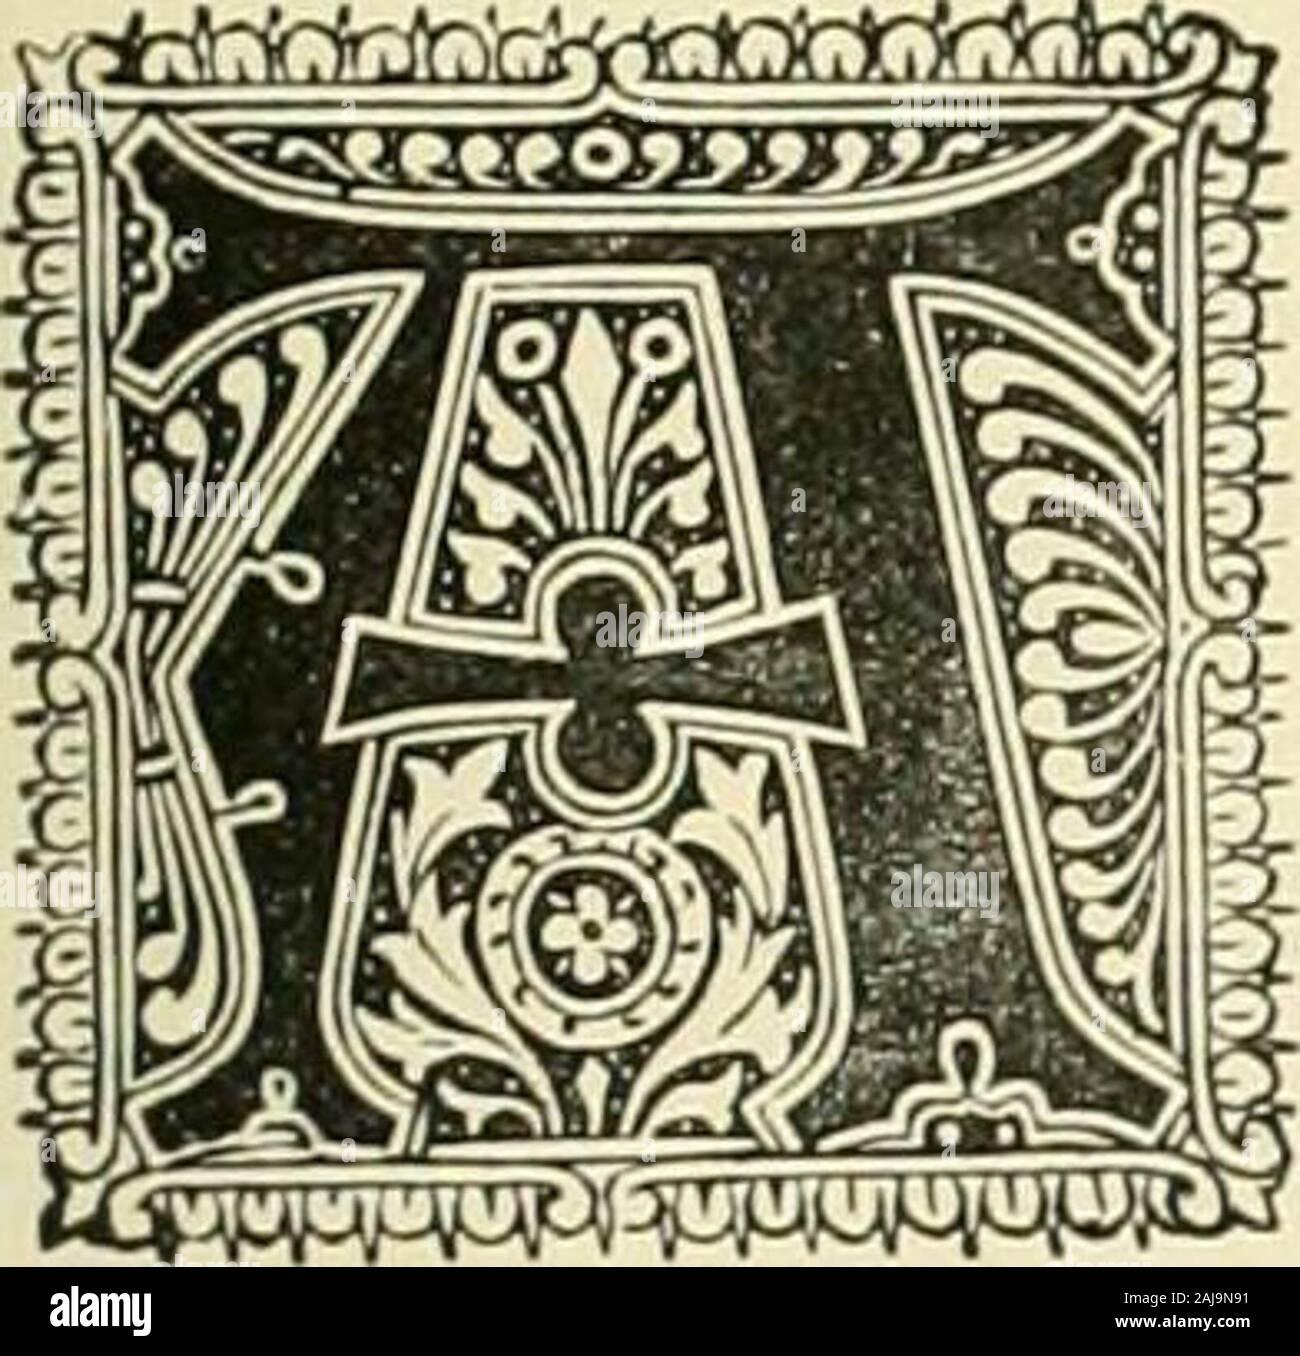 Theme de rencontre astrologie